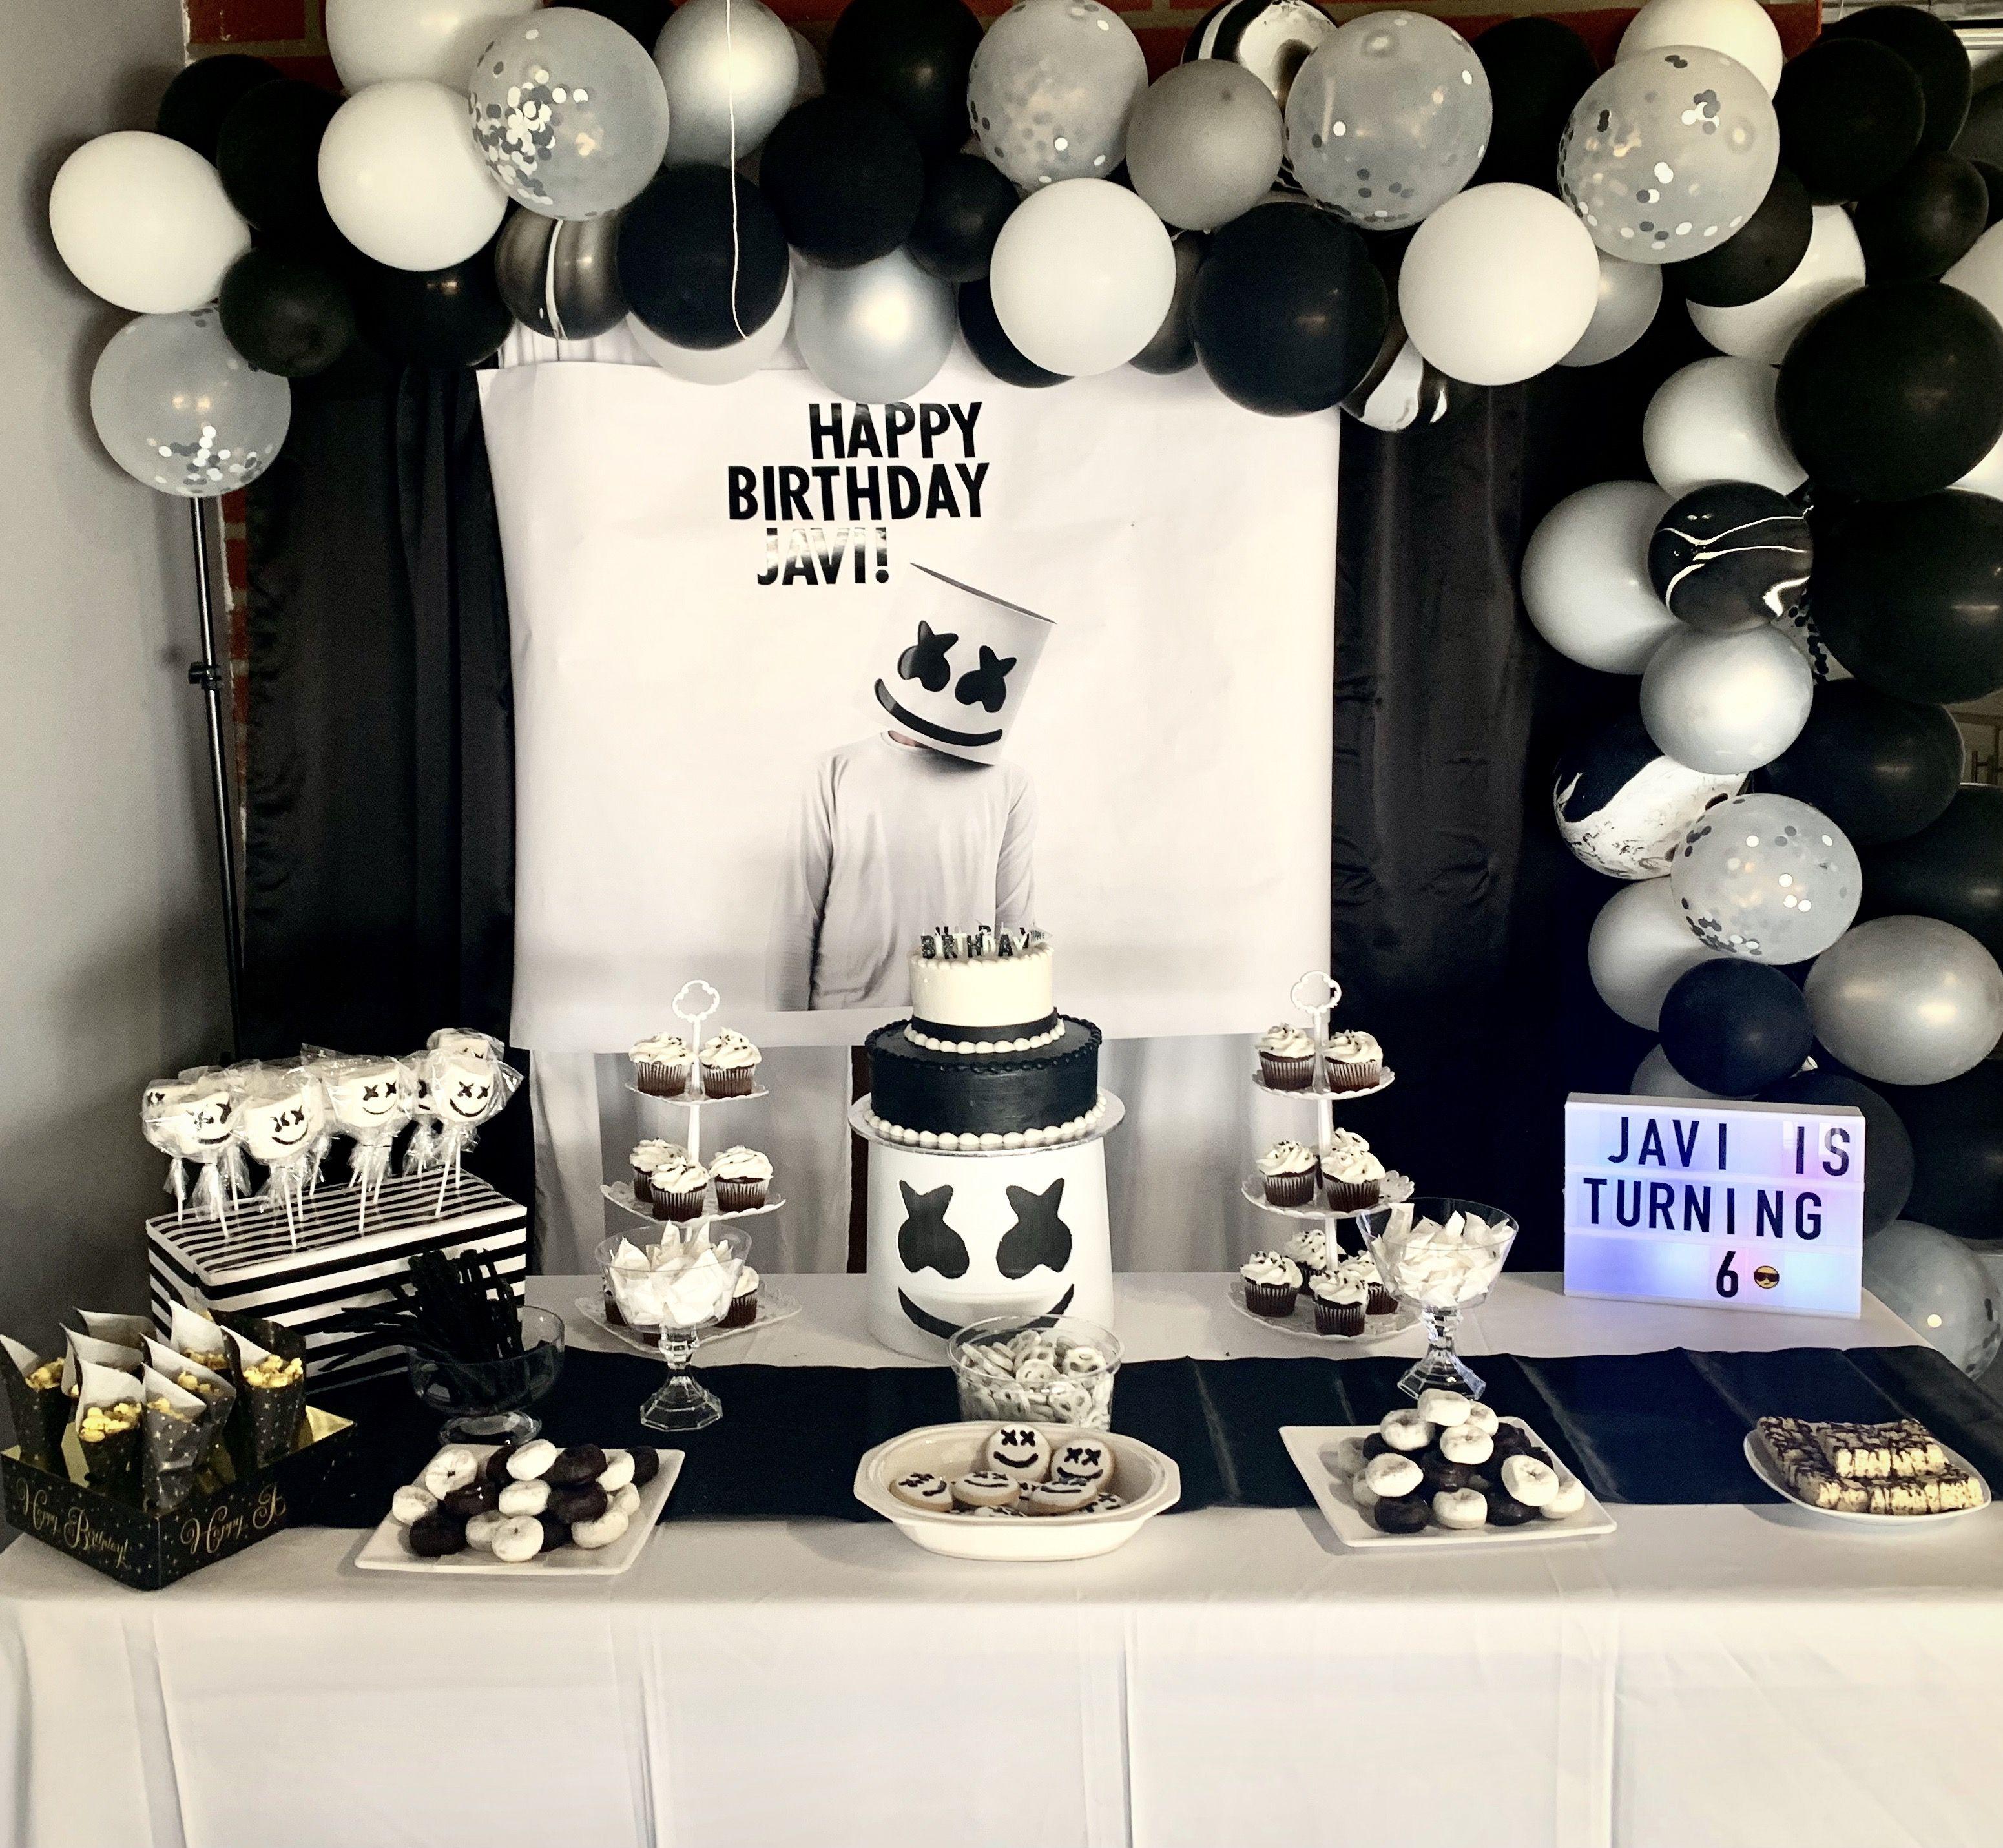 Marshmello Party Marshmello Party Video Game Birthday Party Decorations Marshmello Birthday